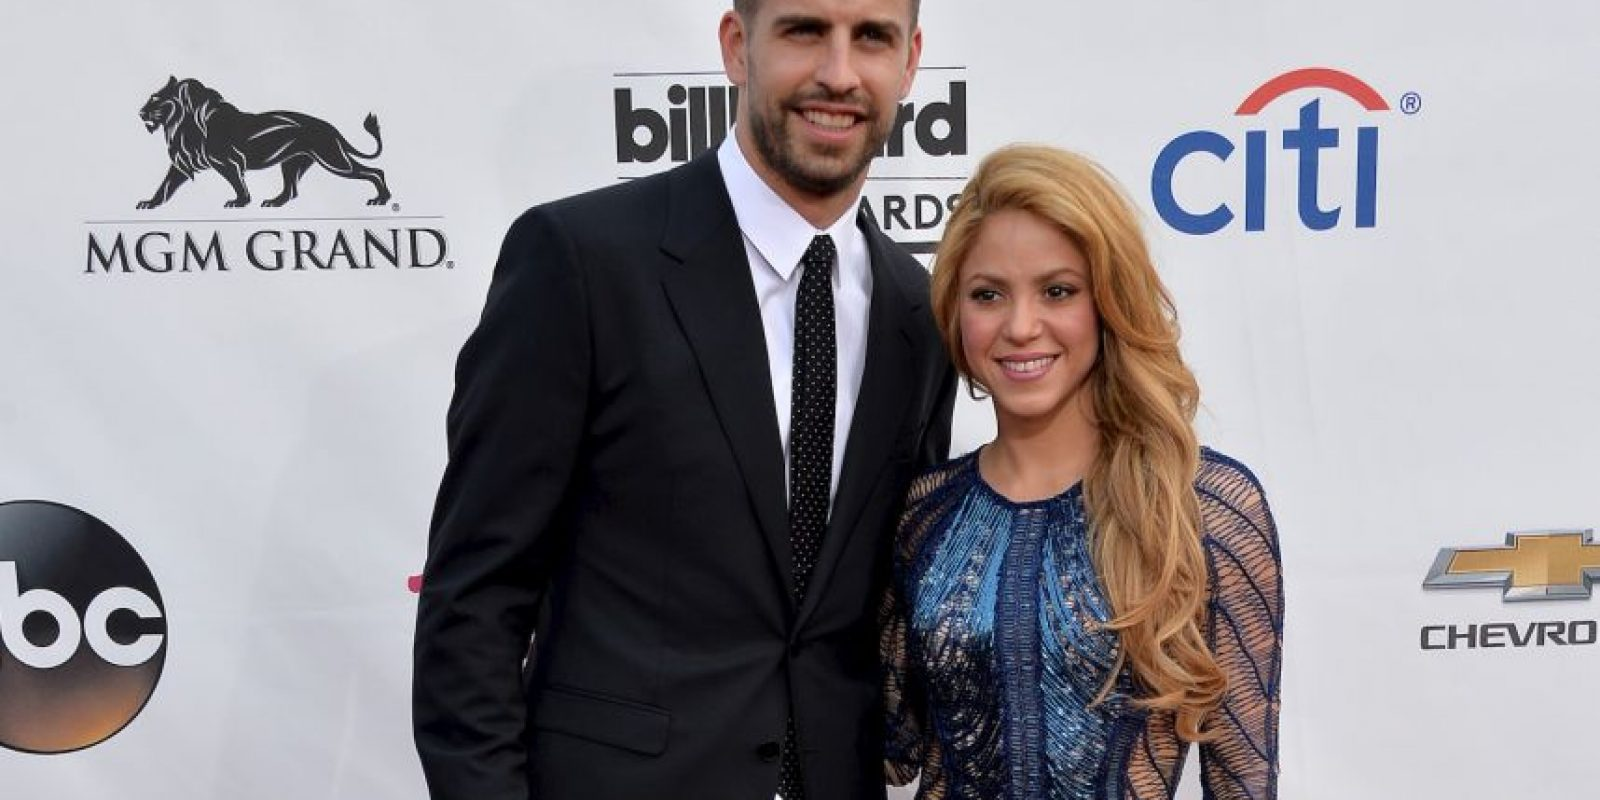 Se conocieron en 2010, pero su relación se hizo oficial en junio de 2011. Foto:Getty Images